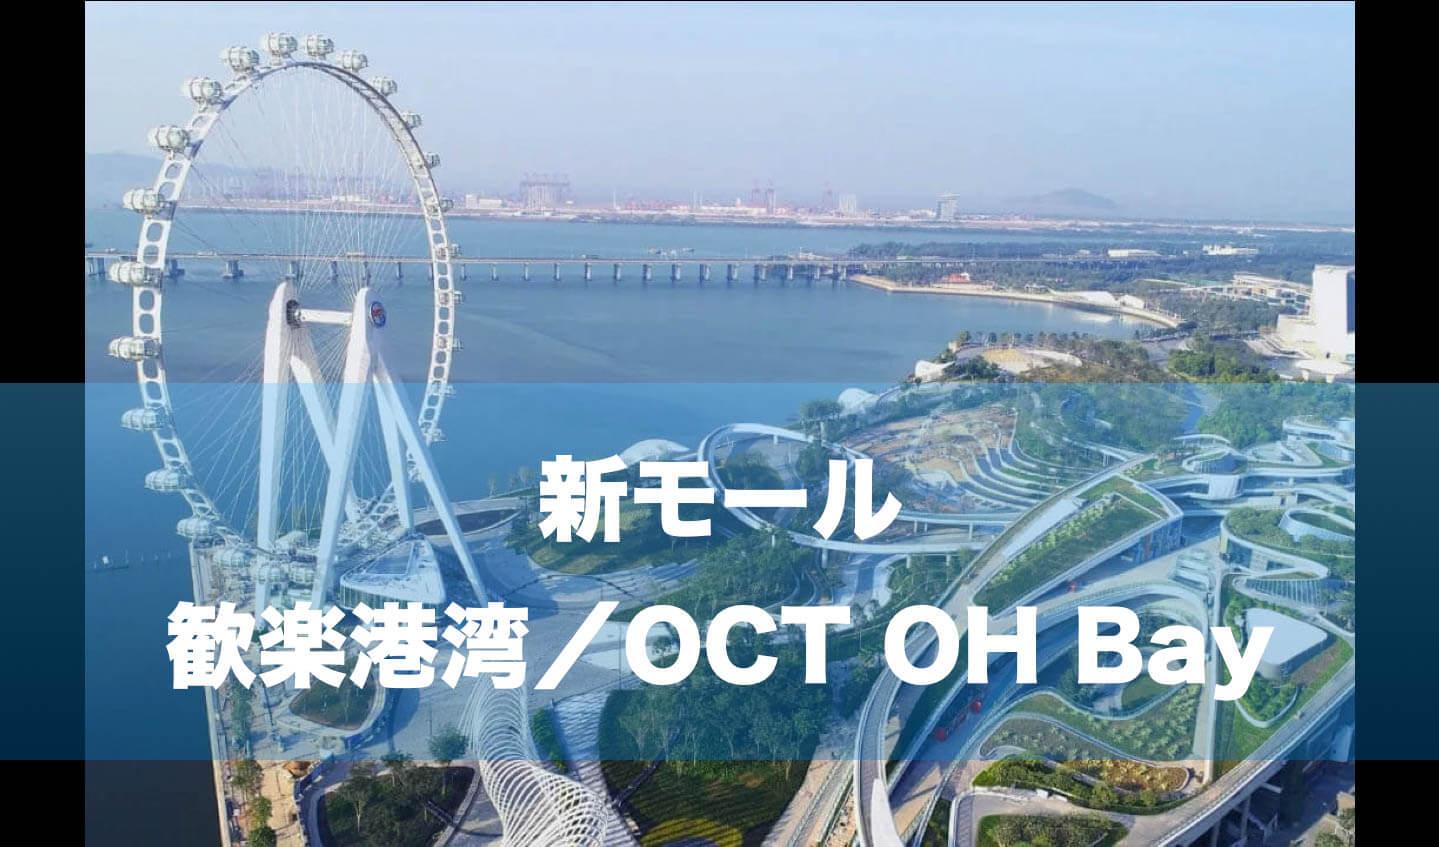 前海の巨大モール「歓楽港湾/OCT OH Bay」オープン:プロジェクションマッピングショー・公共アート展も開催中